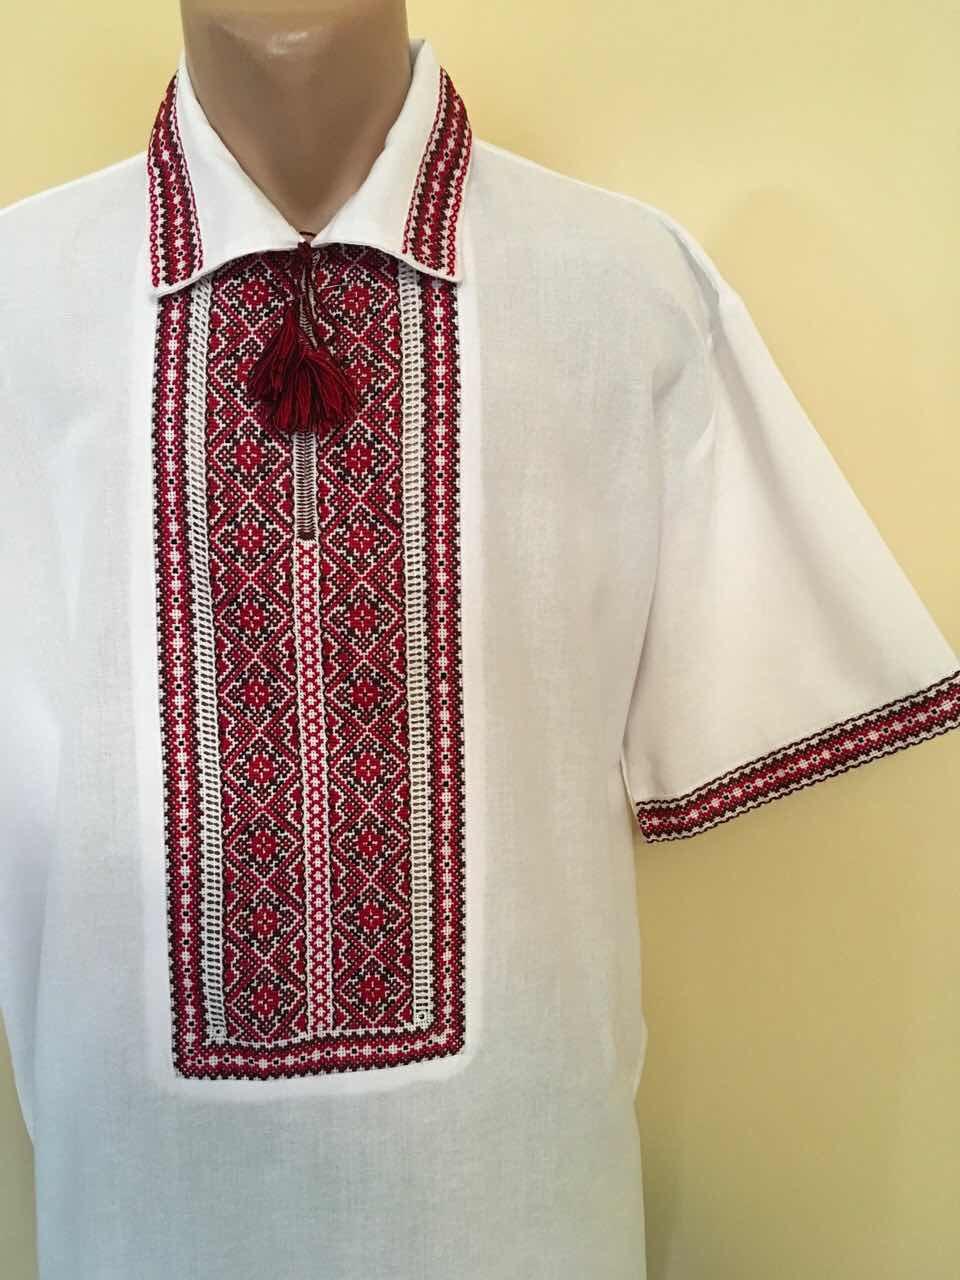 Літня вишита сорочка на комірець ручної роботи 54-56 розмір  продажа ... b9974f7d1d930